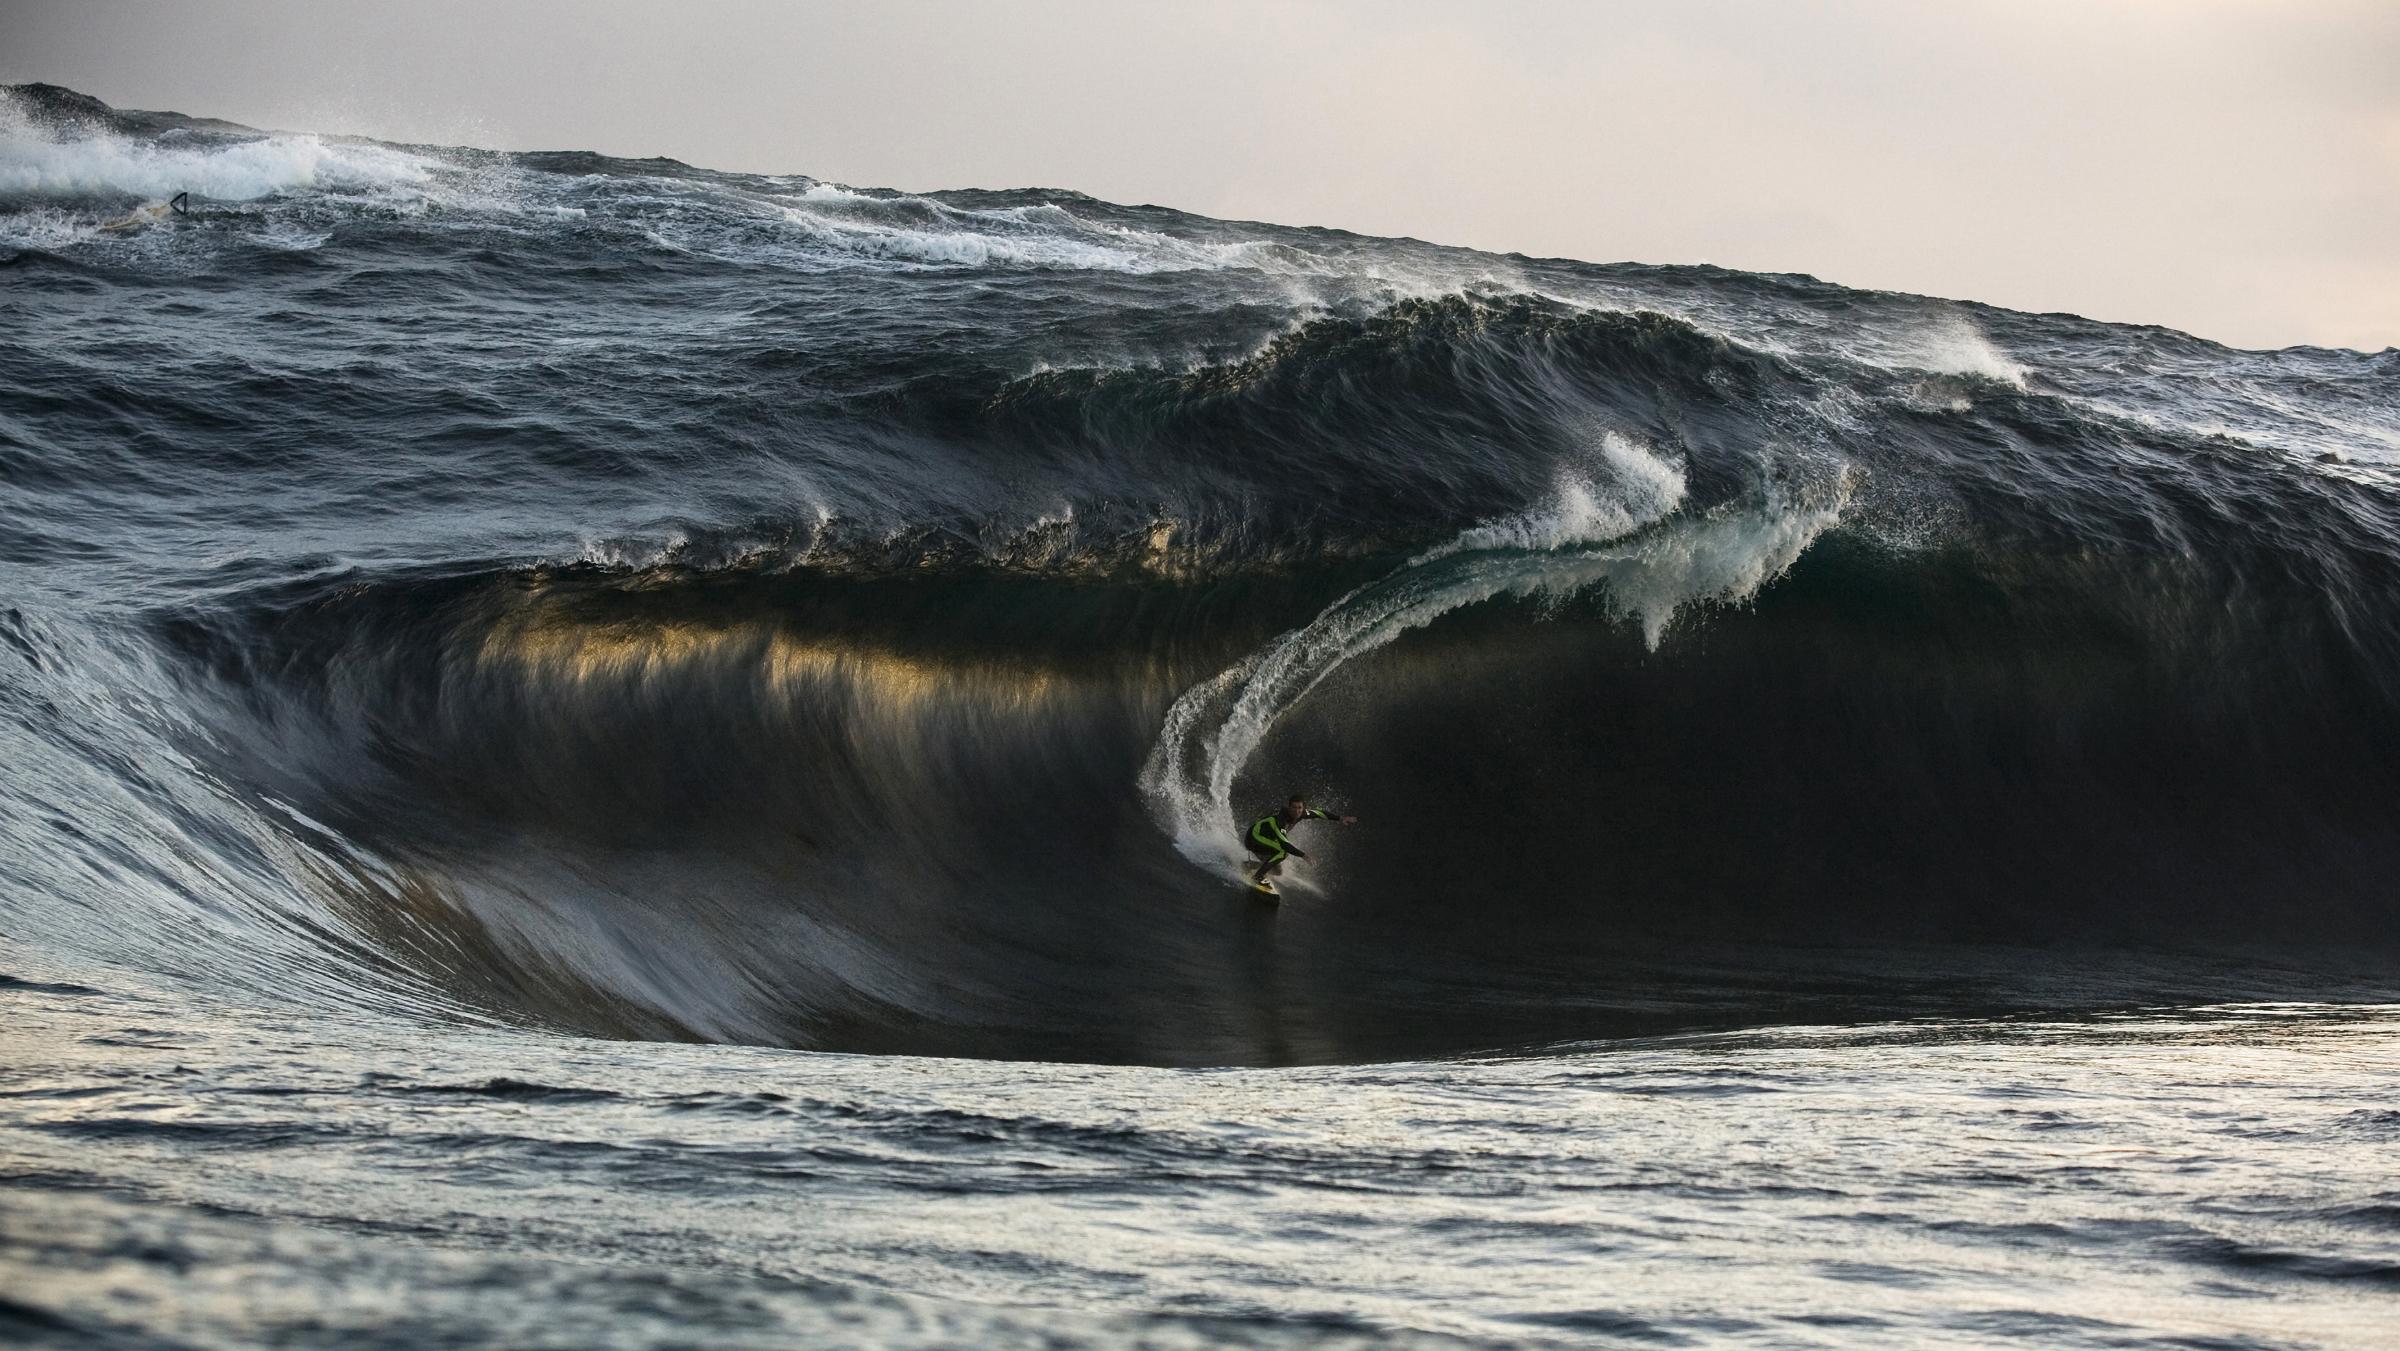 Now worries wave